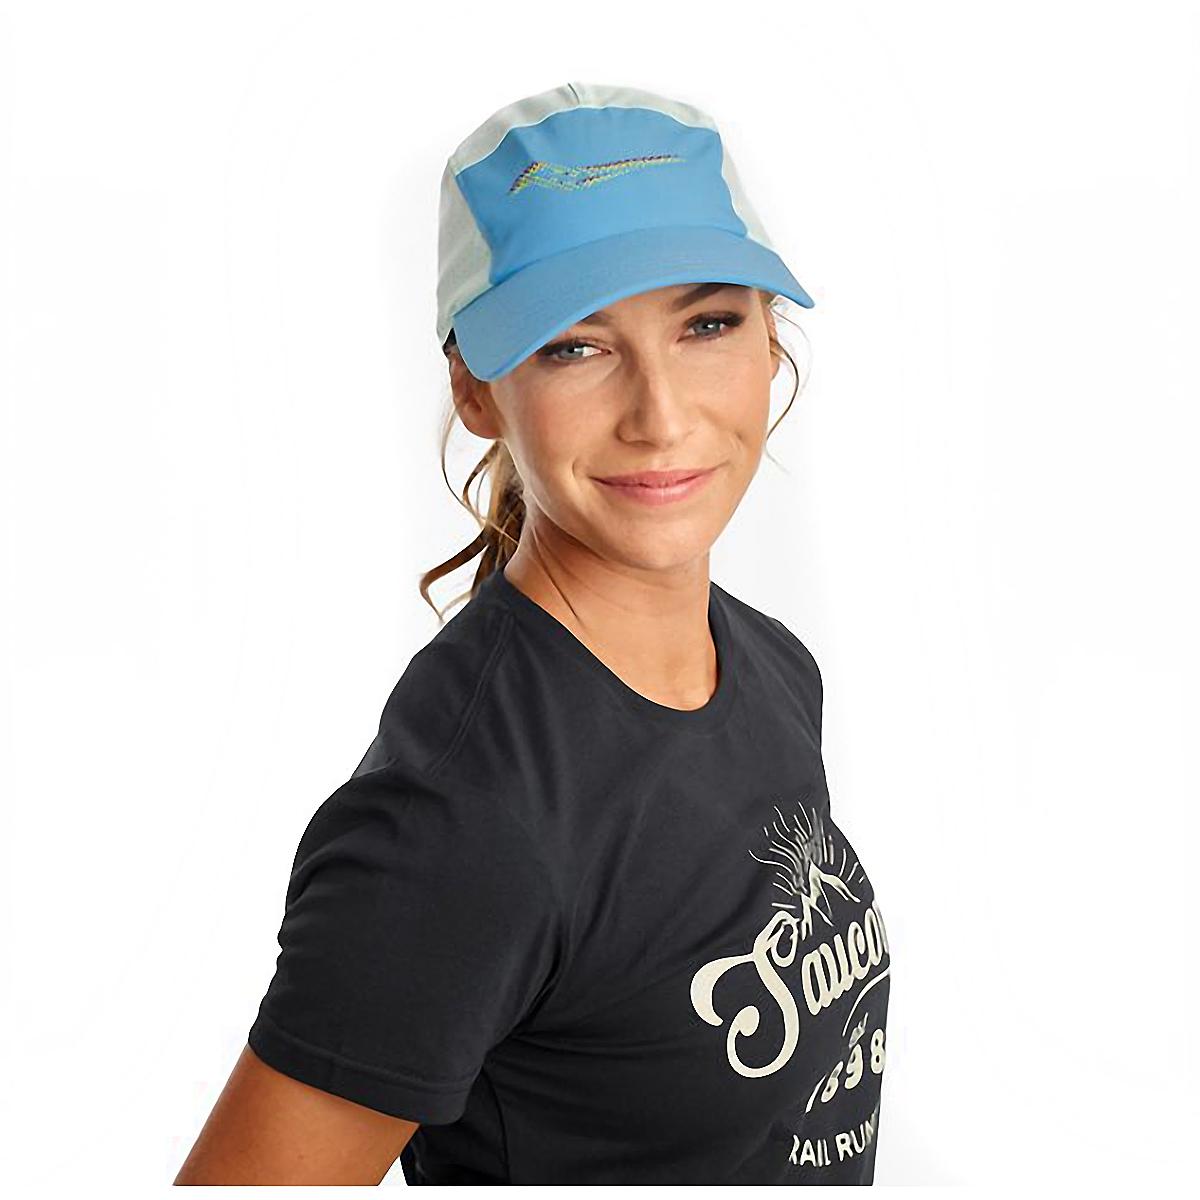 Saucony Outpace Hat - Color: Bonnie Blue, Bonnie Blue, large, image 1